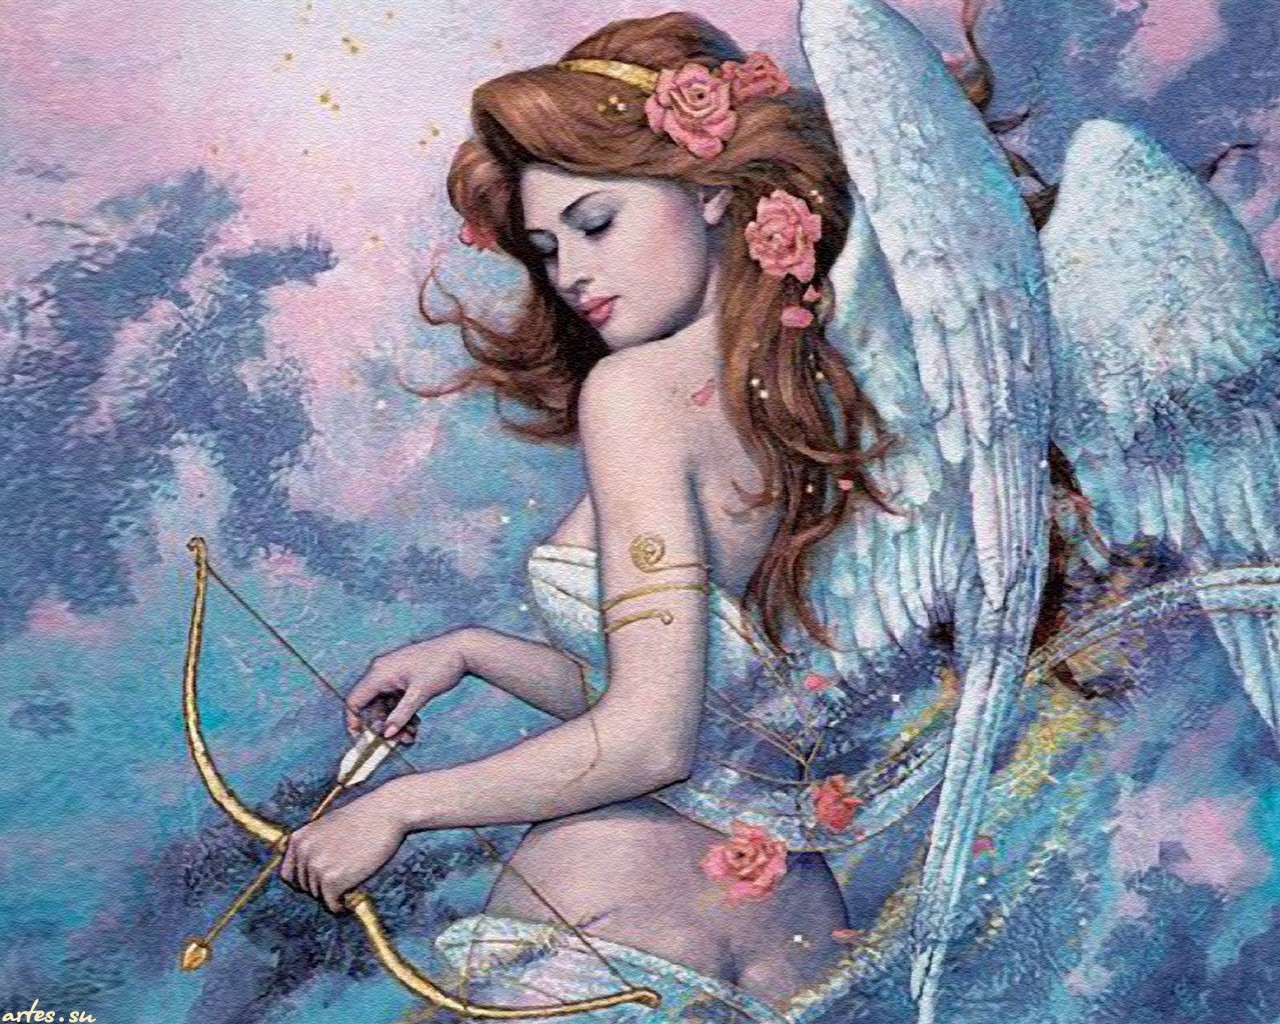 Смотреть бесплатно фото марты амур ангел 20 фотография